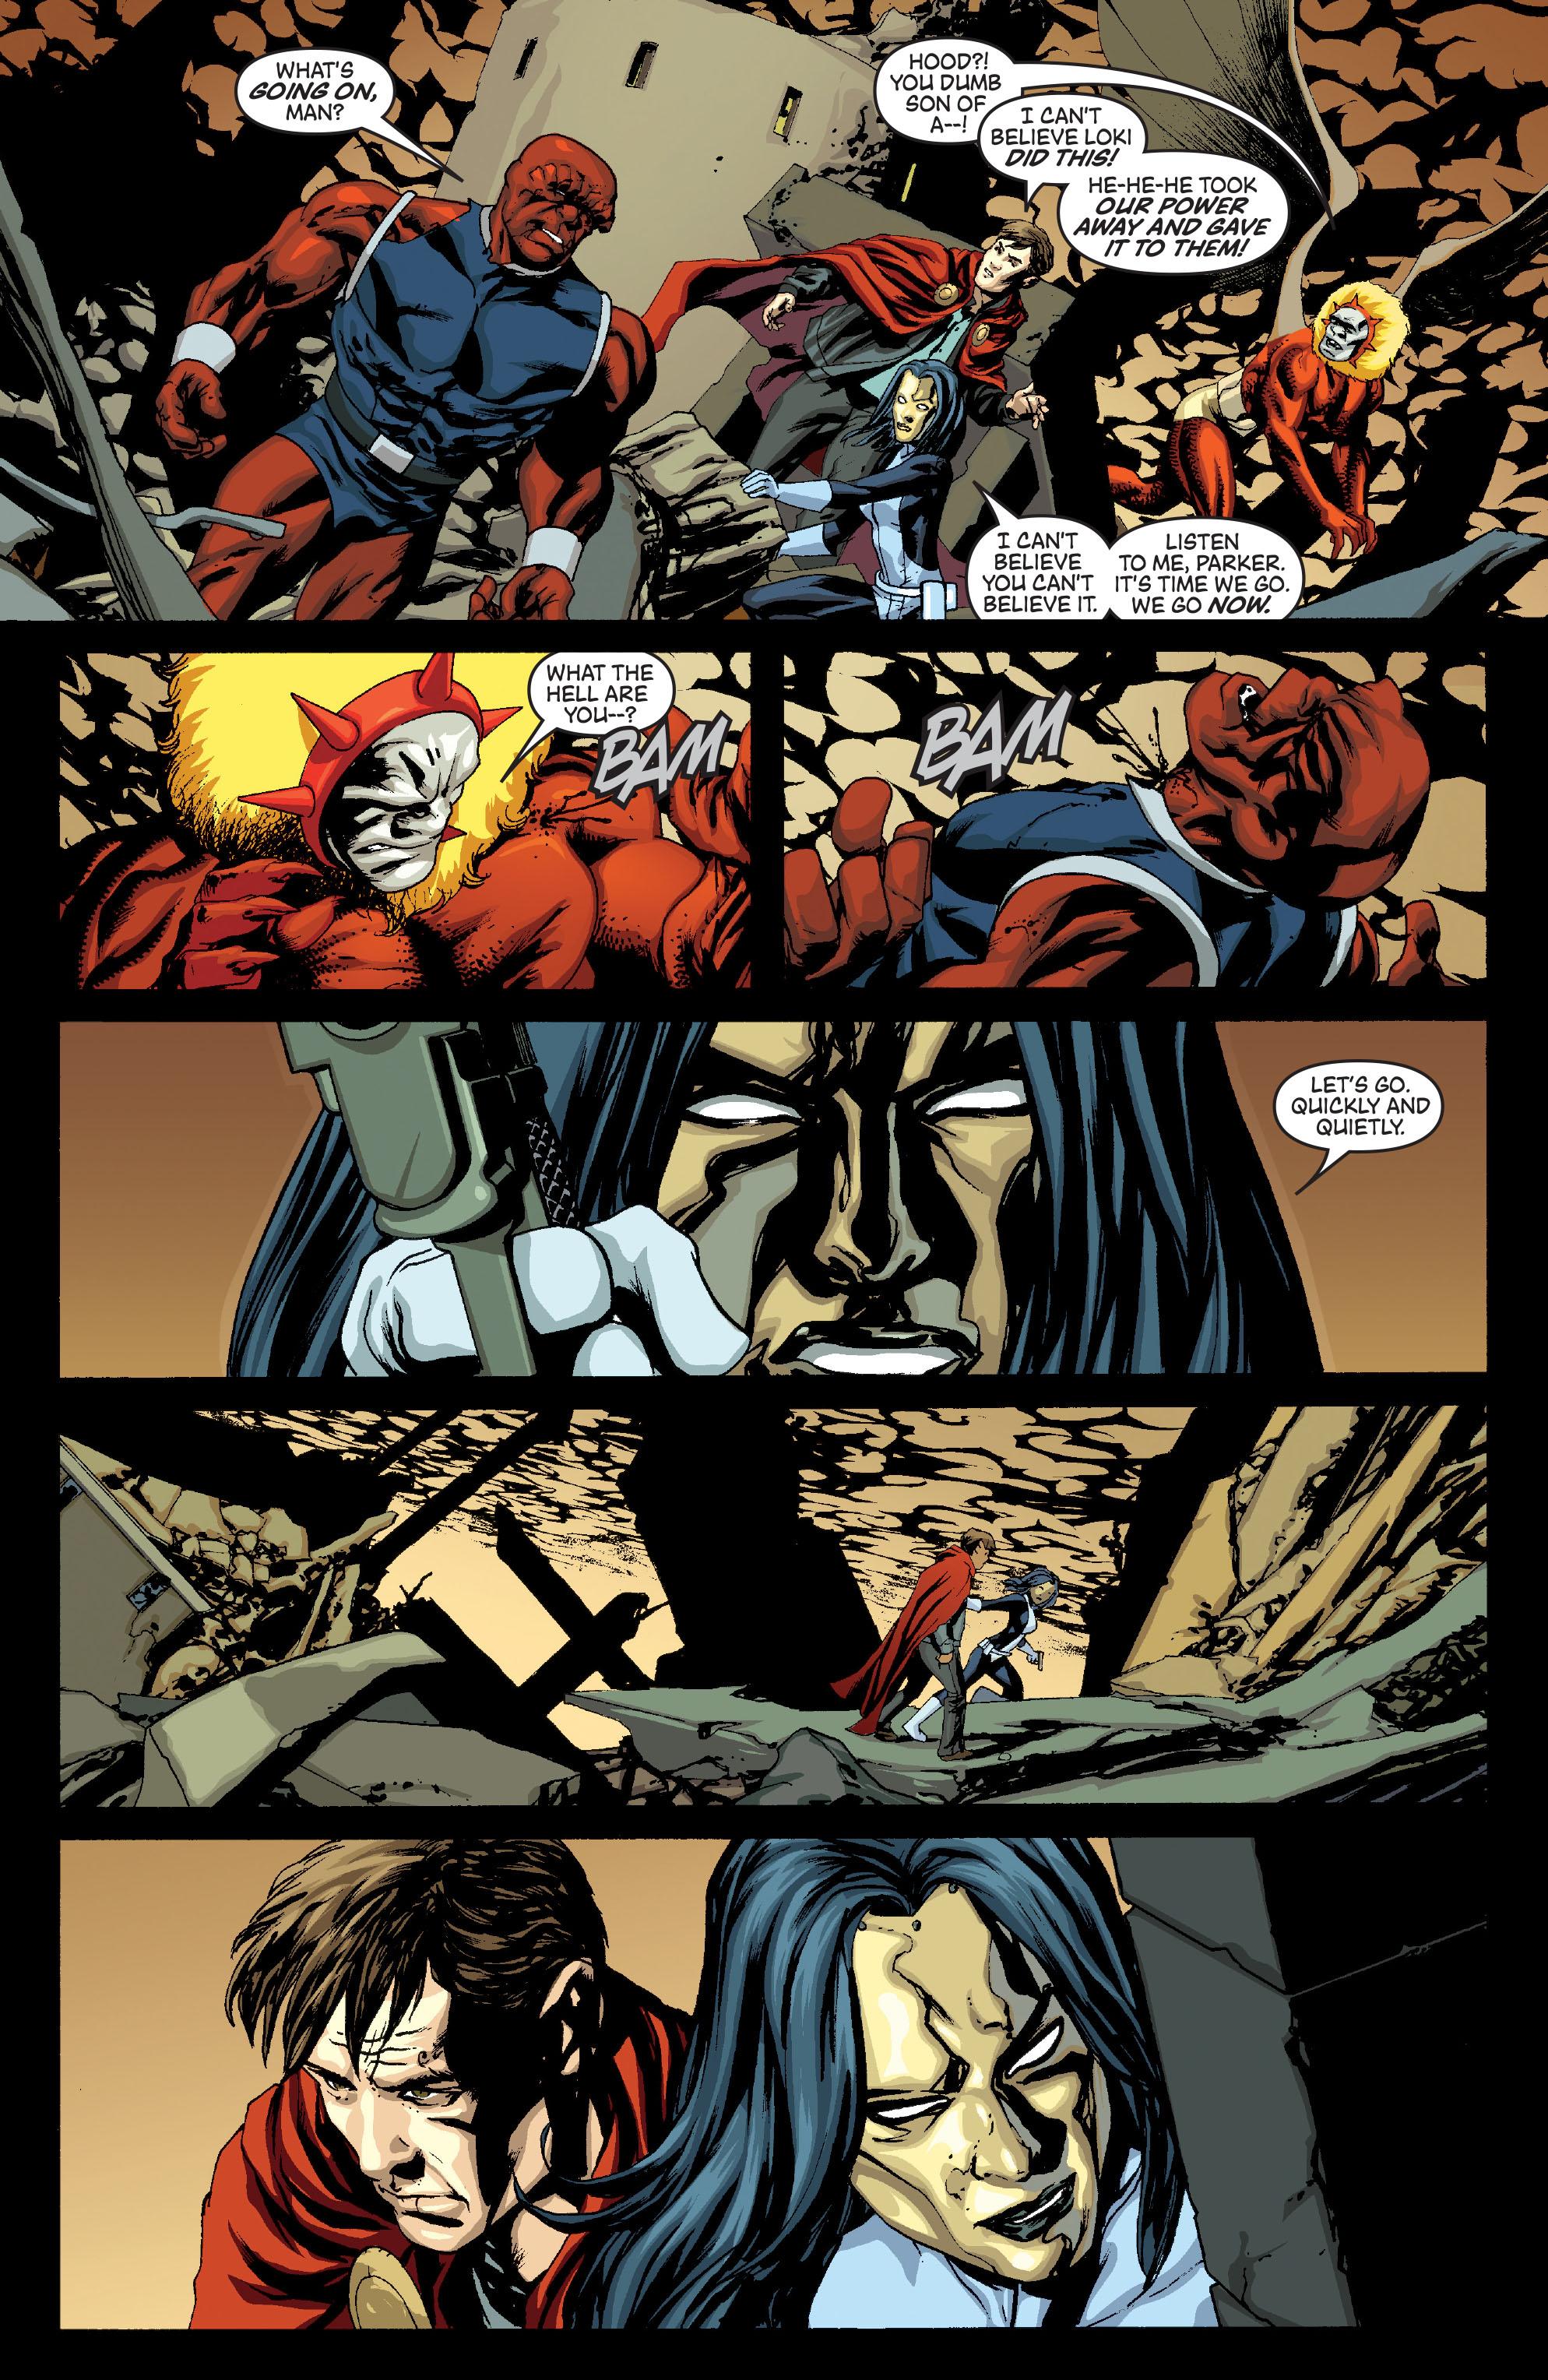 New Avengers (2005) chap 64 pic 17